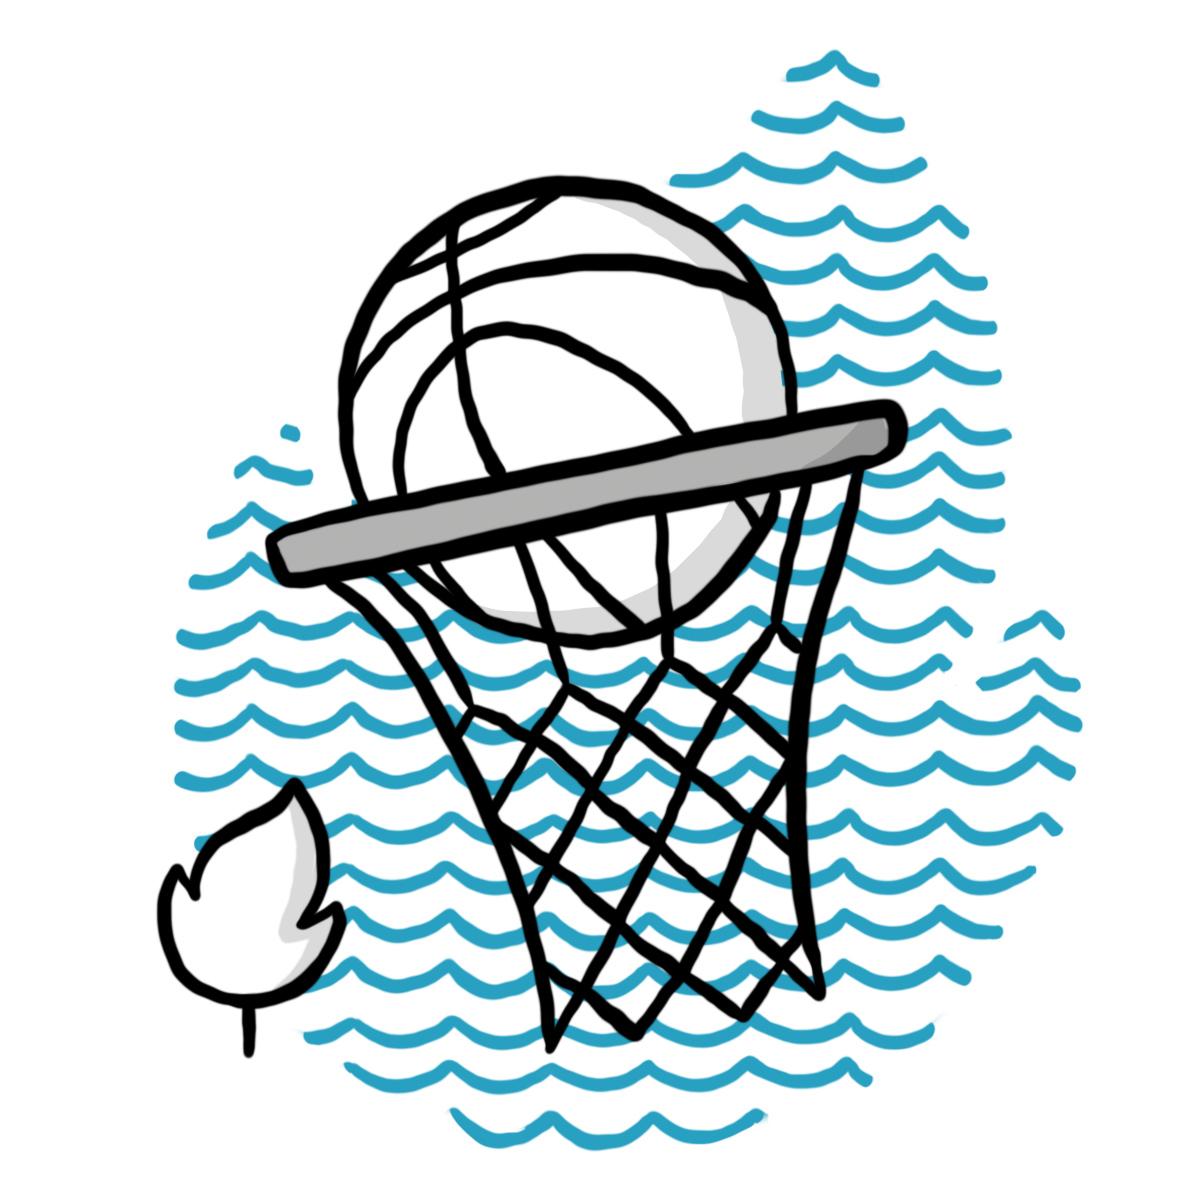 Baskelball im Netz mit Leistungssport-Bäumchen (Symbol für Schulzweig Leistunssport)